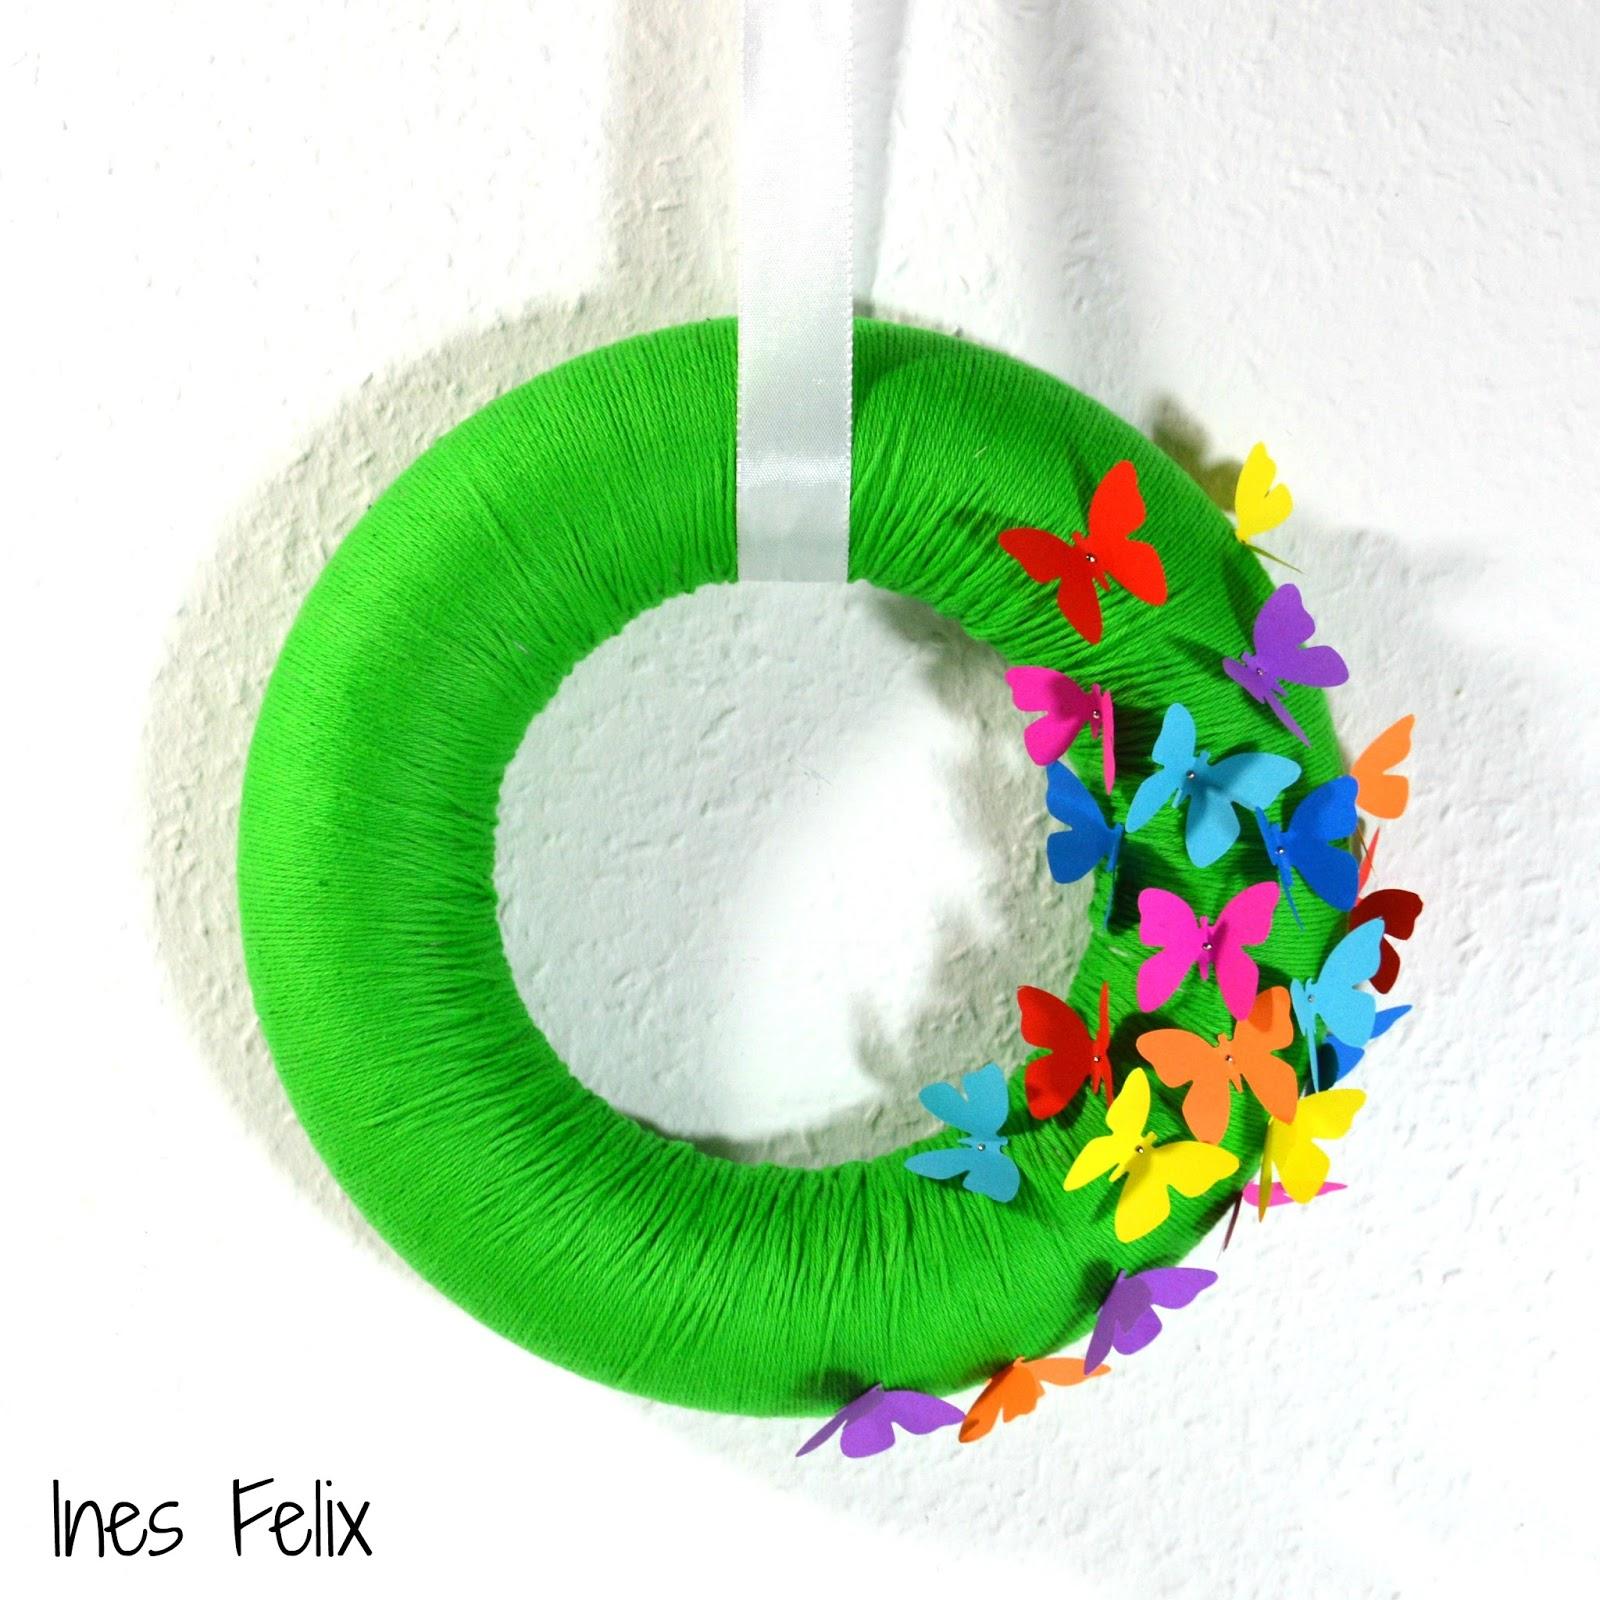 ines felix kreatives zum nachmachen fr hlingskranz f r die eingangst r. Black Bedroom Furniture Sets. Home Design Ideas